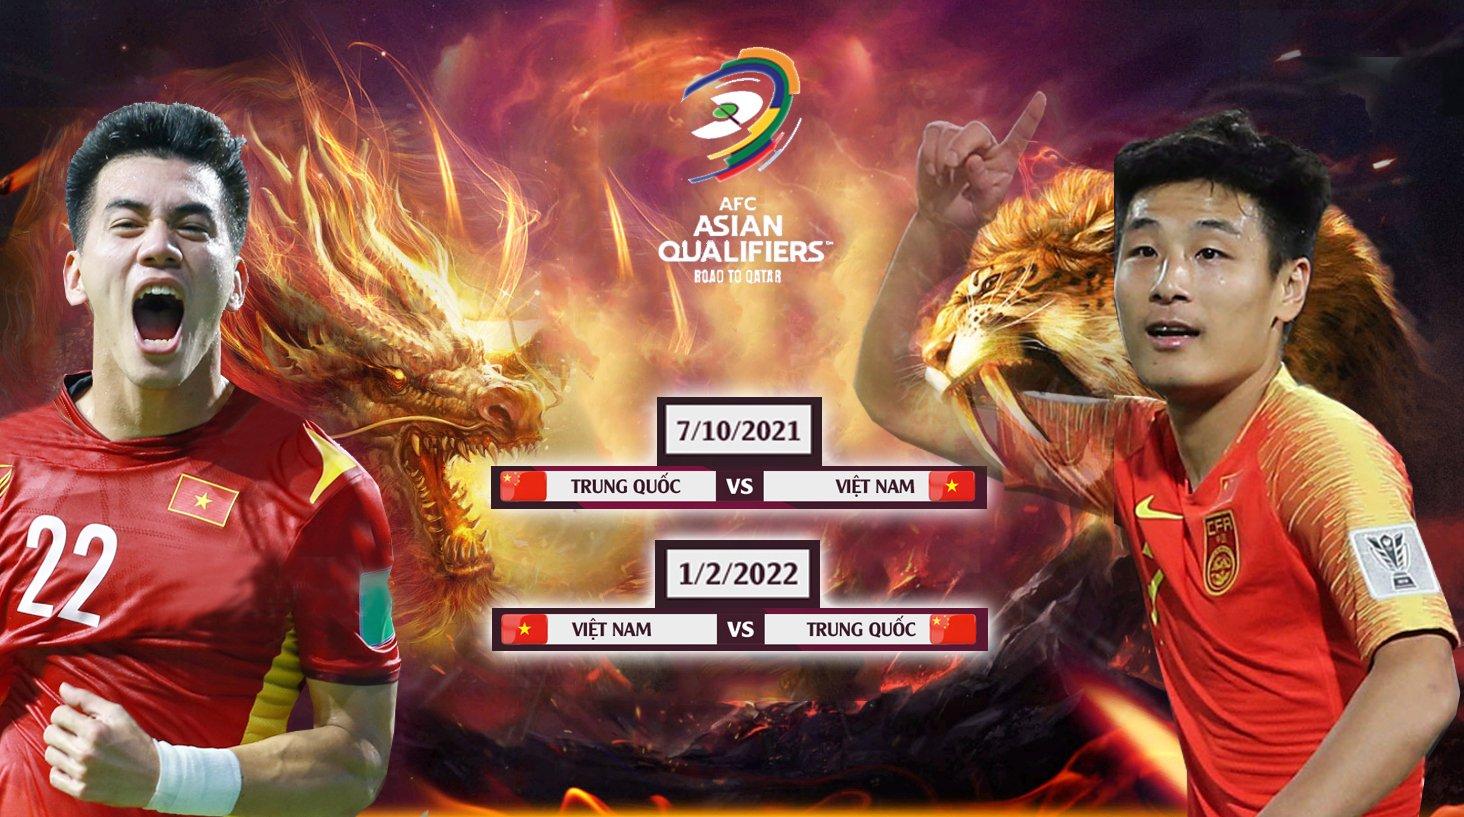 Truyền thông Trung Quốc lo sợ nền bóng đá nước nhà sụp đổ nếu để thua Việt Nam 1